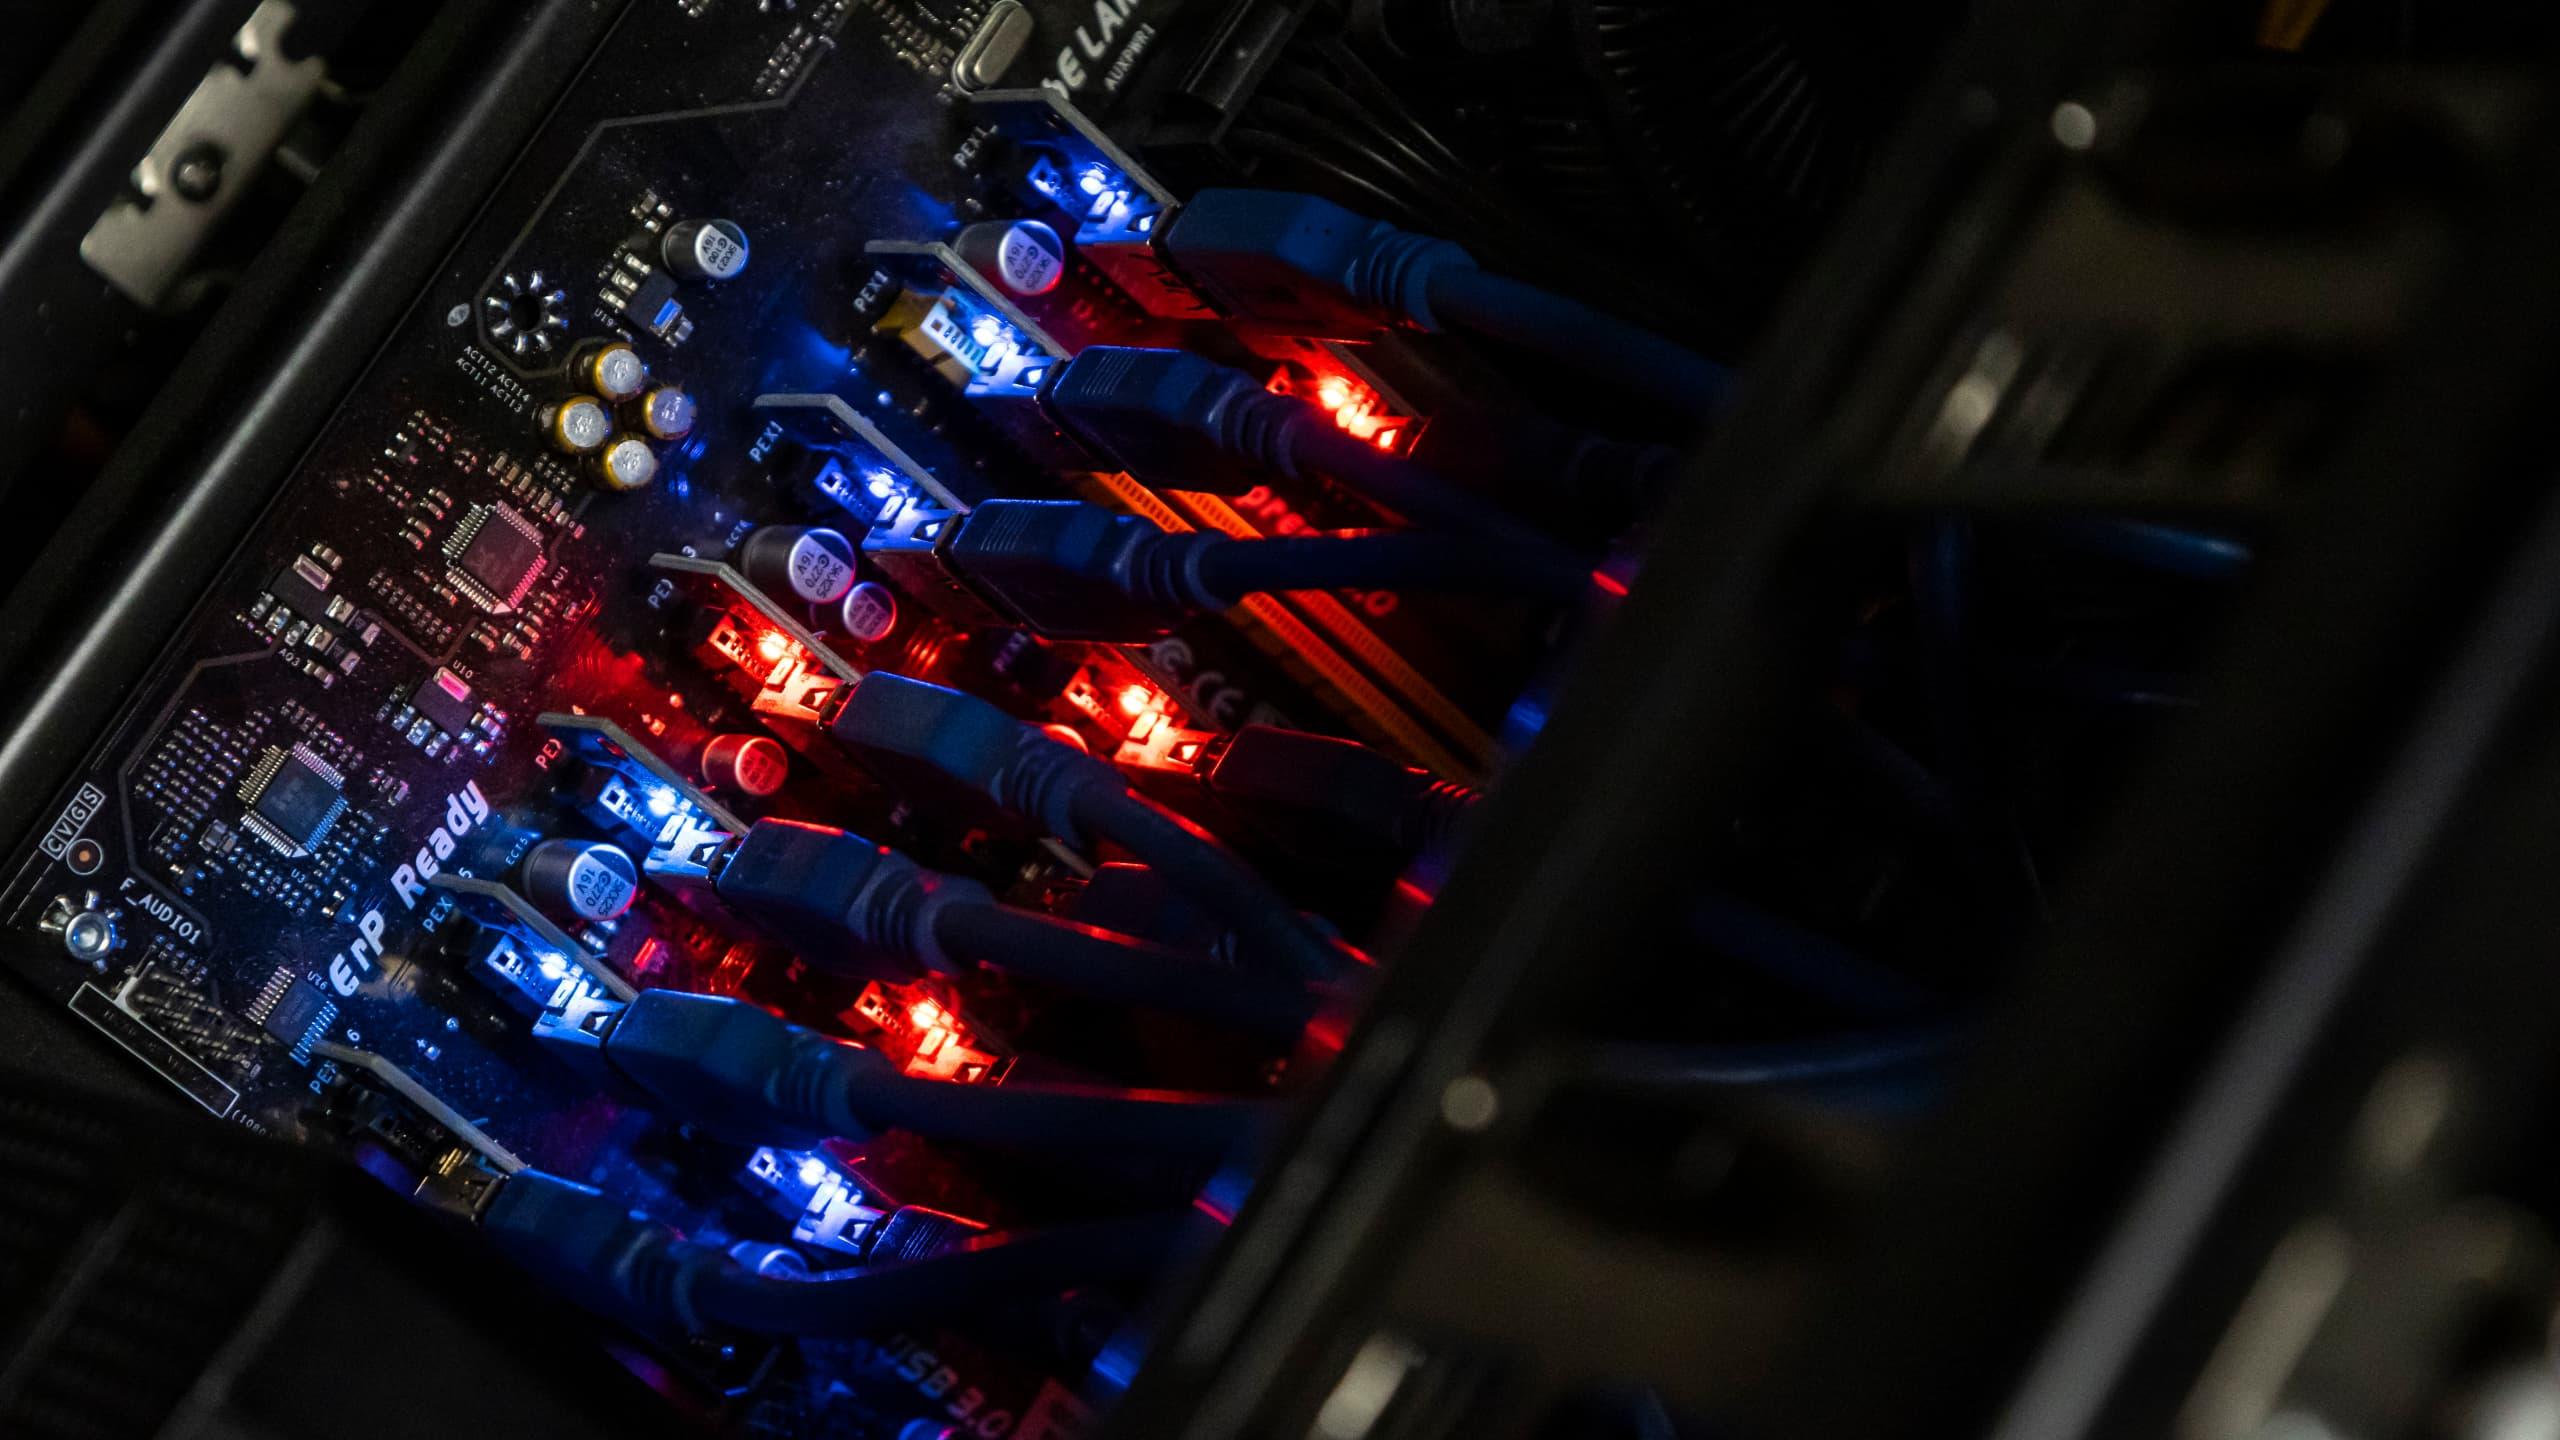 Połączenie kart graficznych z płytą główną, czerwone i niebieskie diody